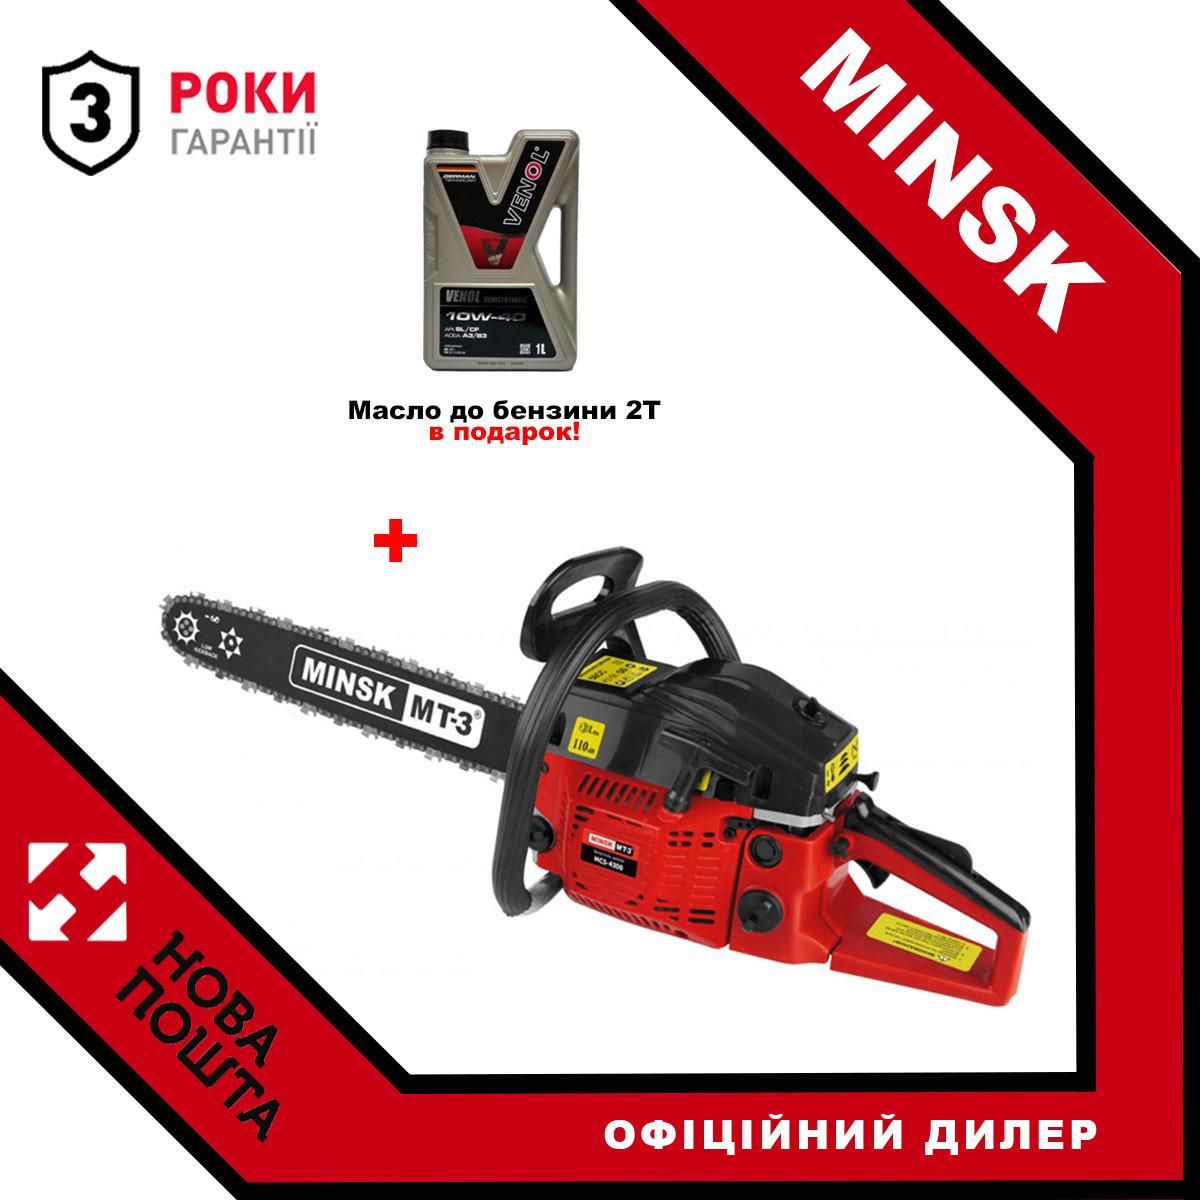 Бензопила ланцюгова Minsk MT-3 MCS-4300 + в подарунок масло до бензини 2Т!